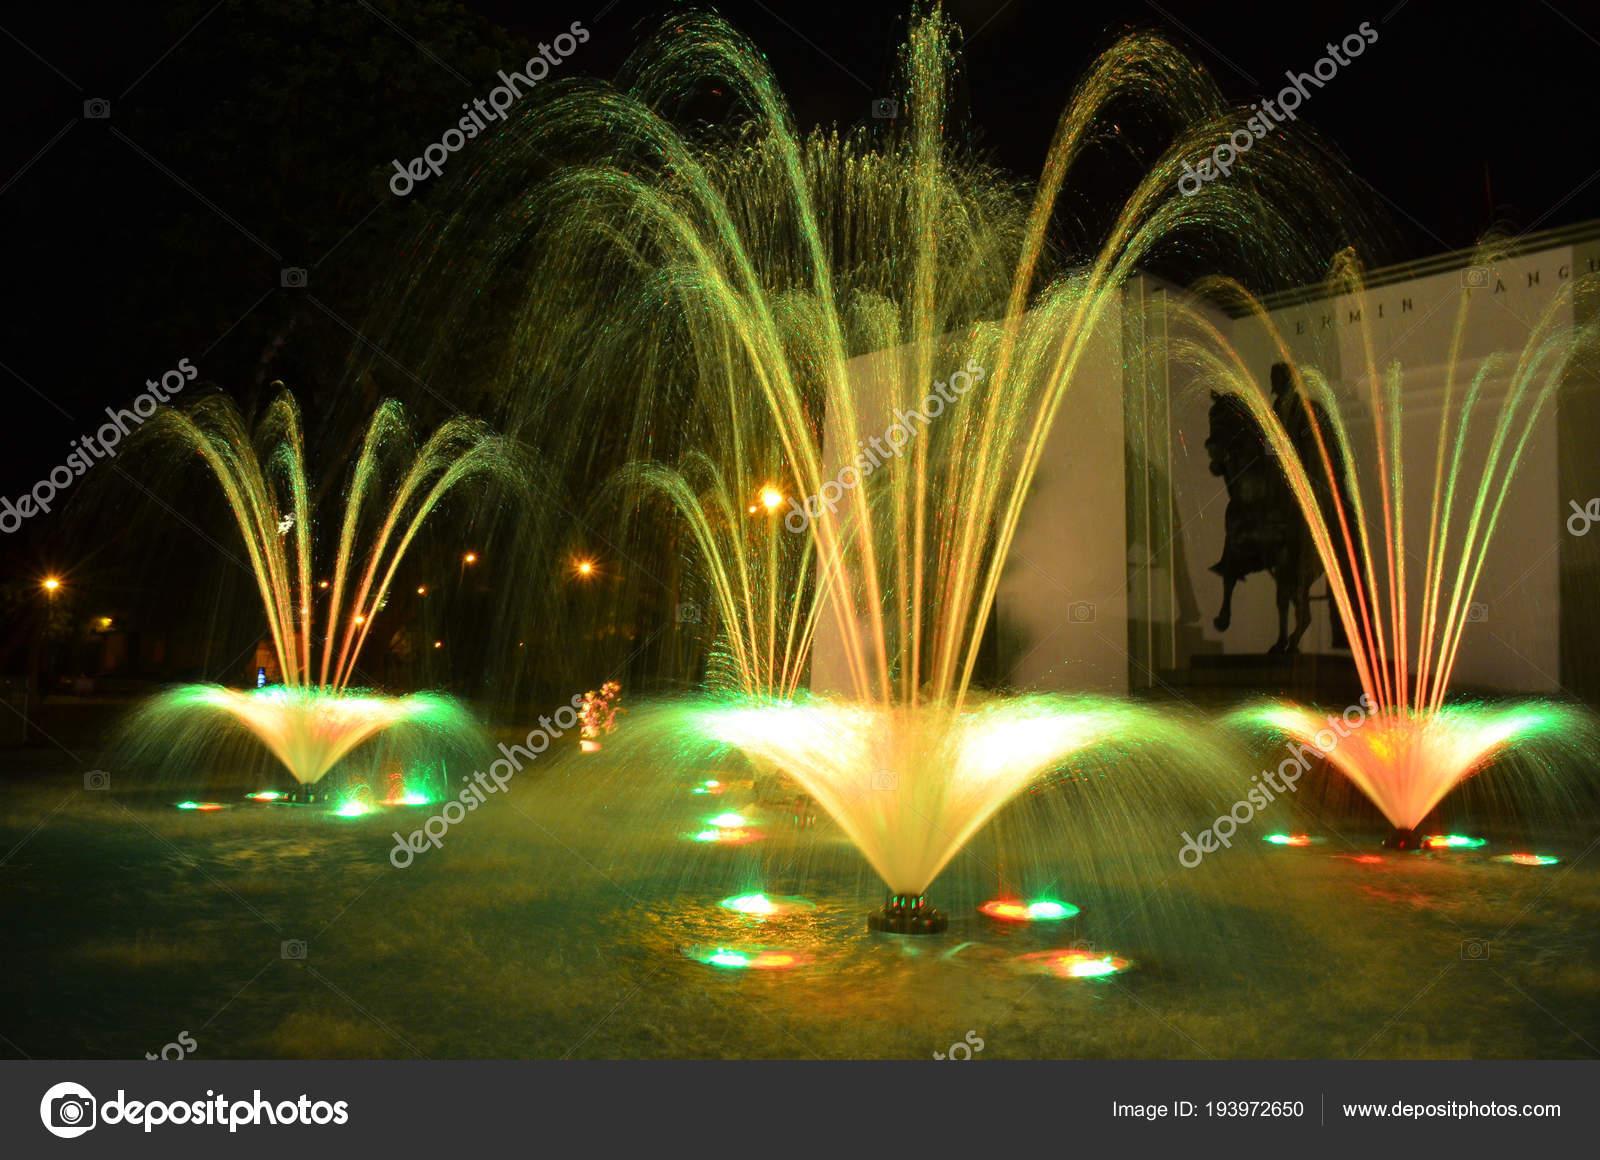 Circuito Magico Del Agua : Illuminated water fountains circuito magico agua lima peru u stock